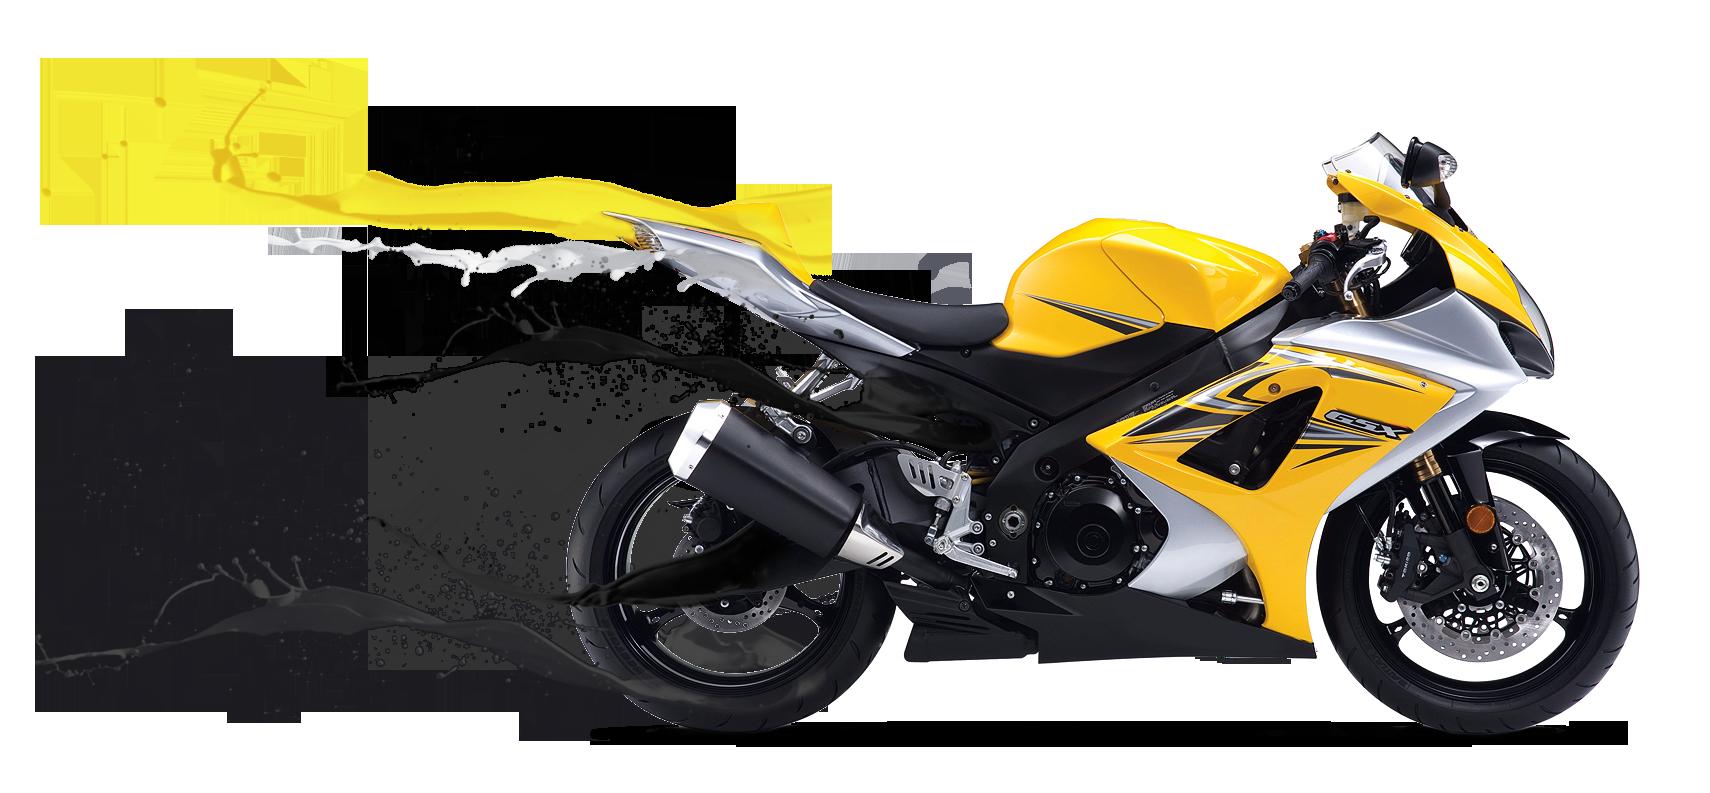 PNG Motorbike - 79046